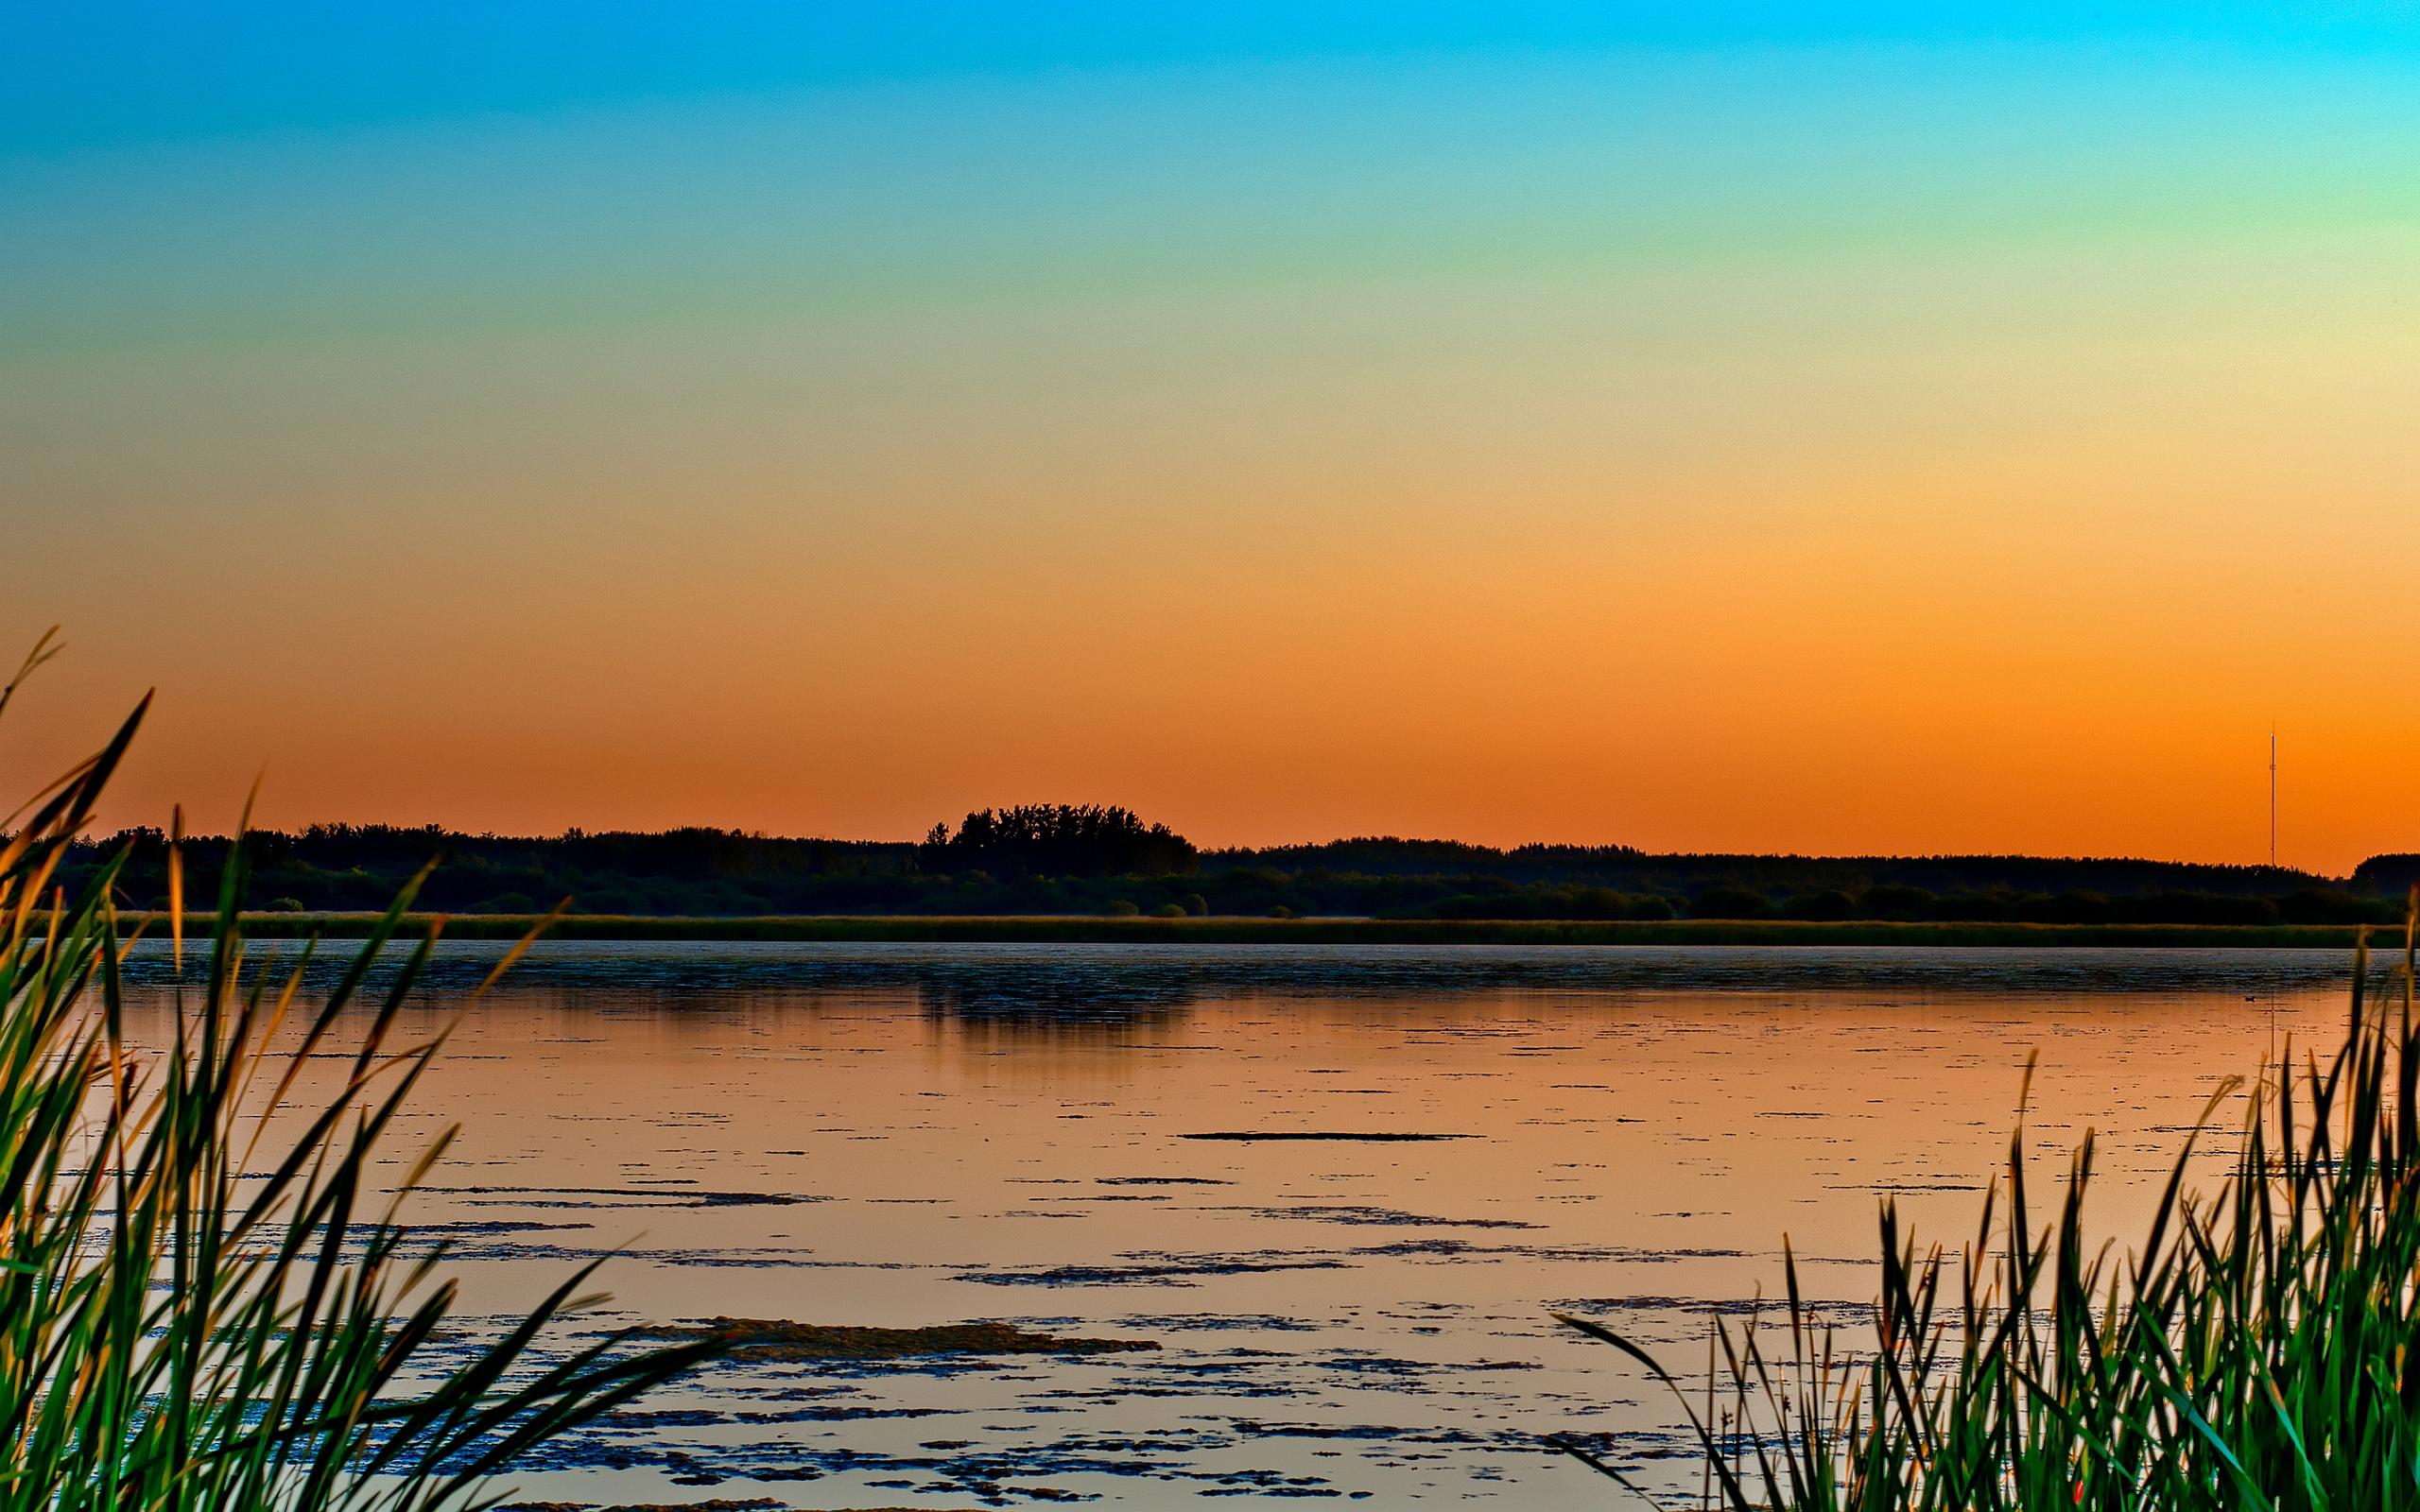 1440x900 sunset lake desktop - photo #18